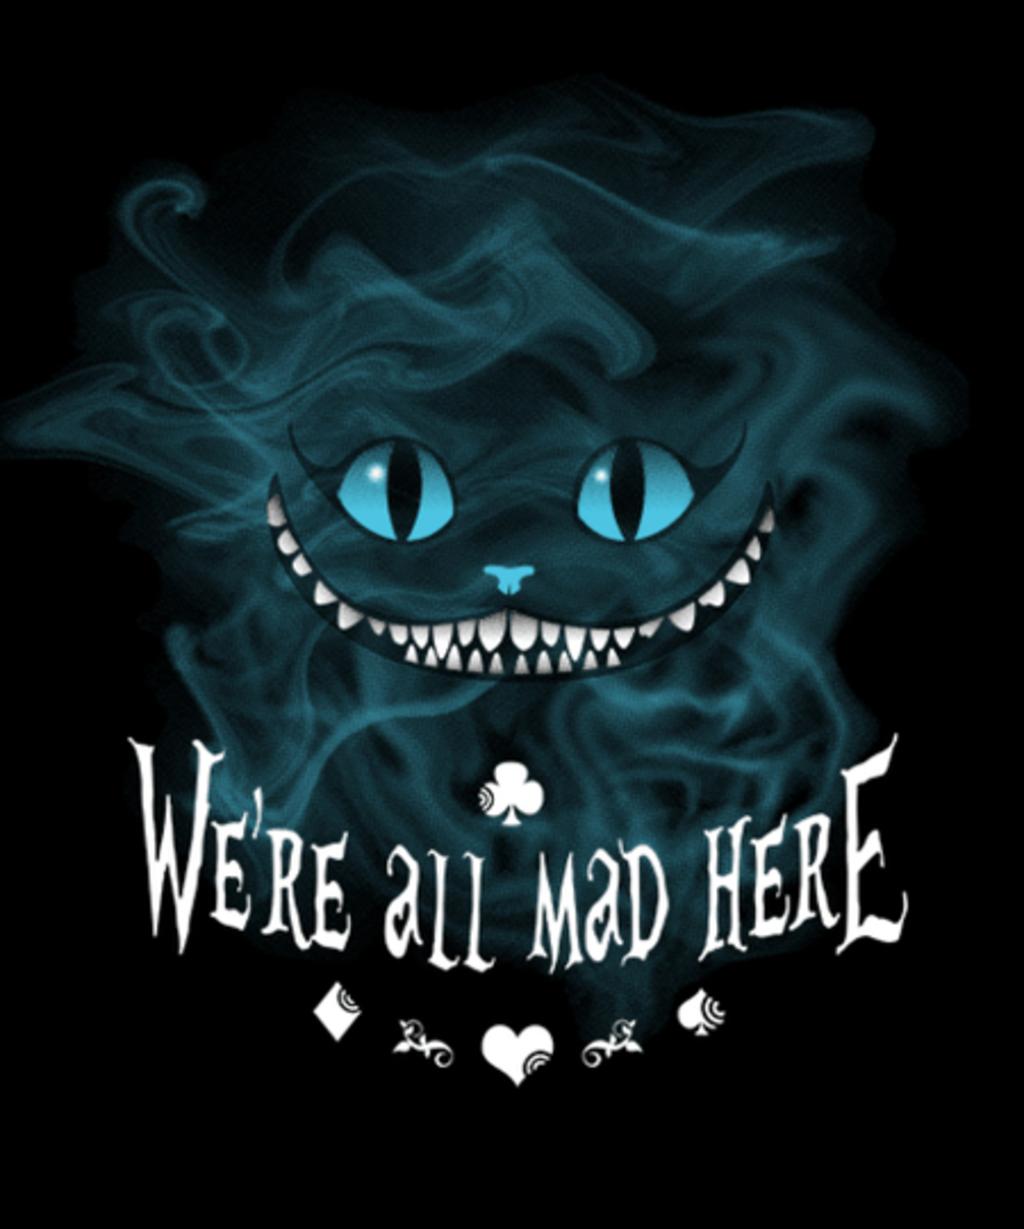 Qwertee: Mad Cheshire